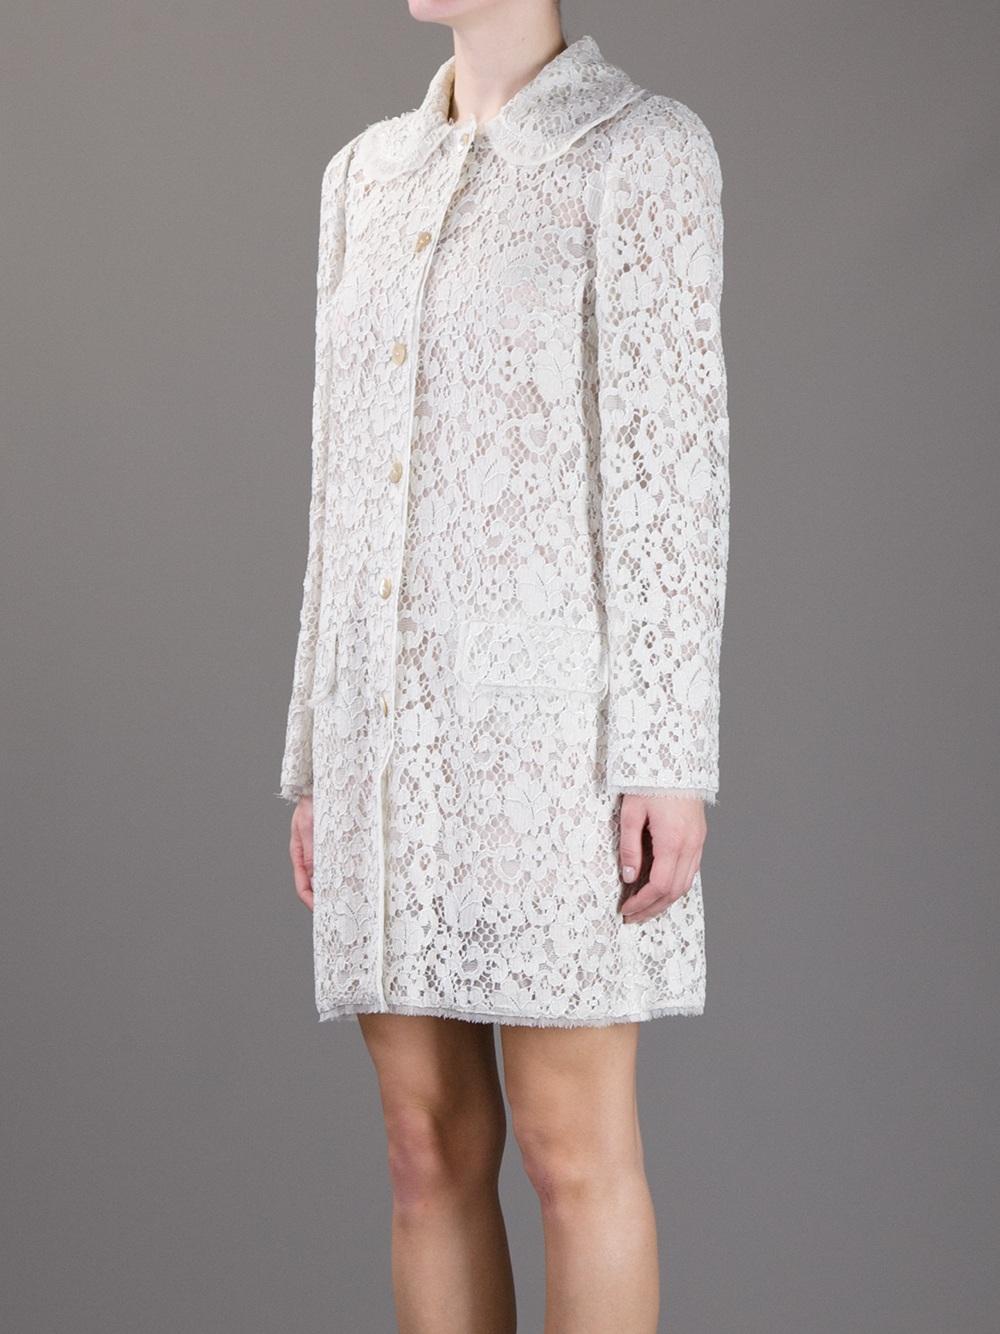 b6b94a5cca6 Lyst - Dolce   Gabbana Lace Dress Coat in White